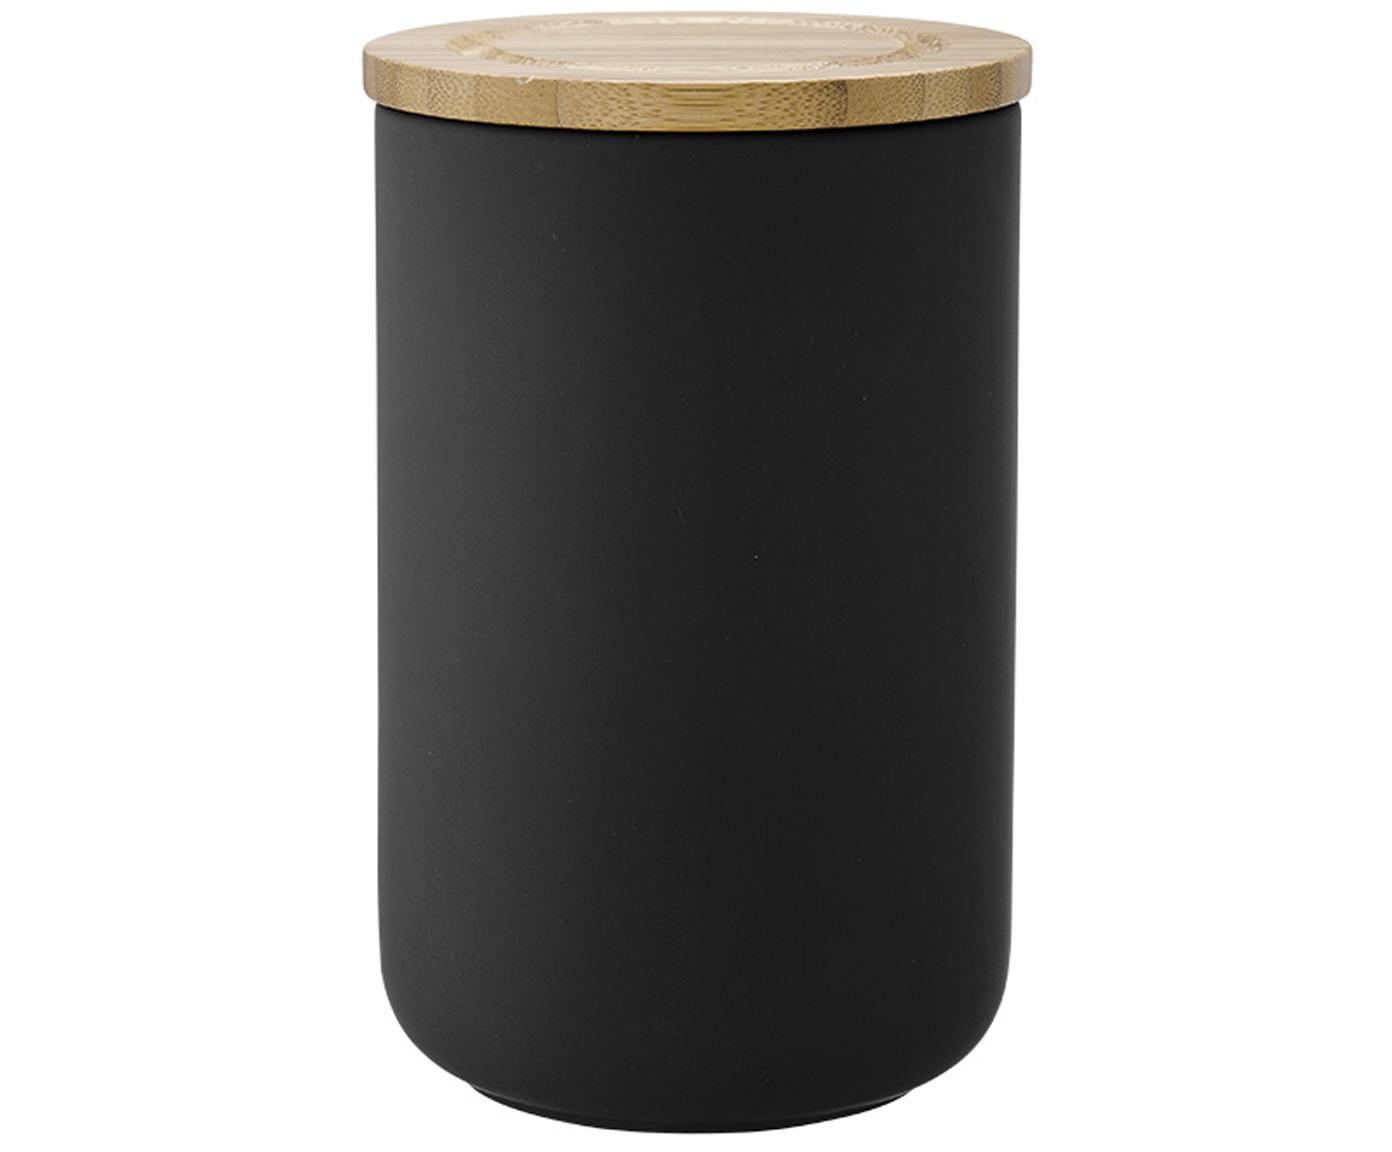 Pojemnik do przechowywania Stak, Czarny, drewno bambusowe, Ø 10 x W 17 cm